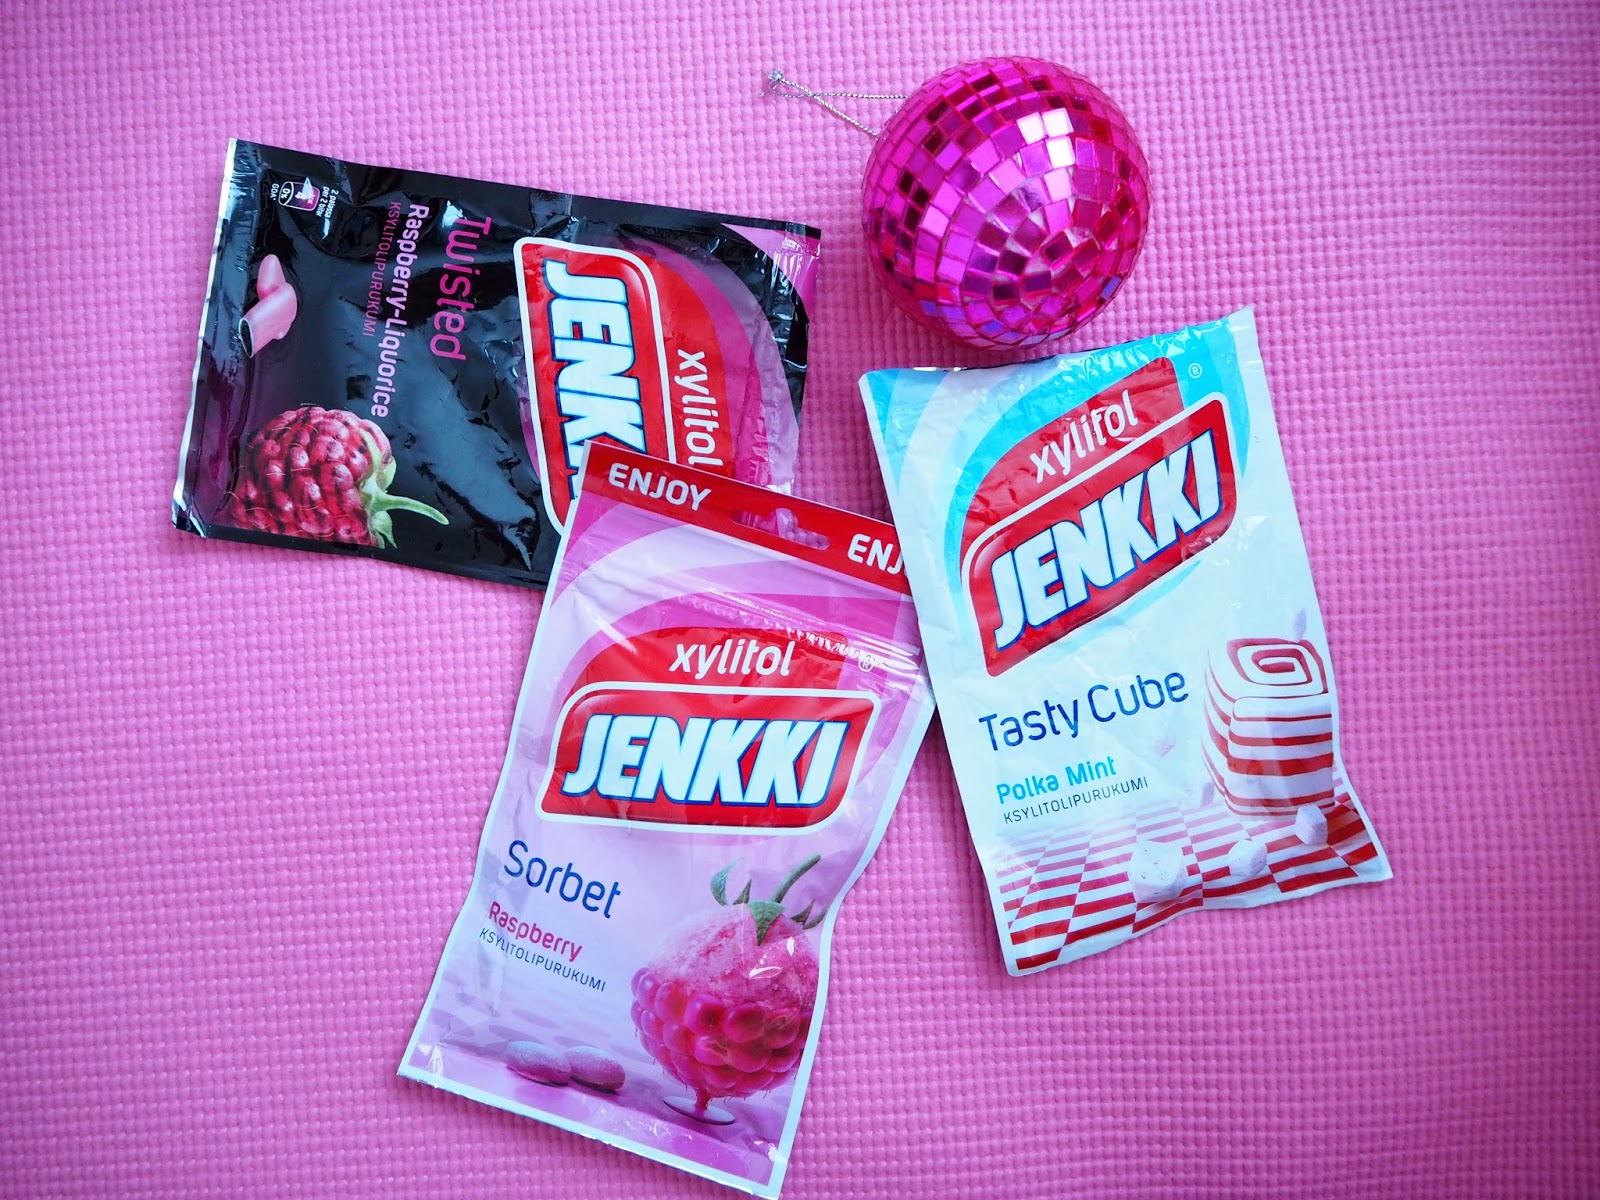 pinkki, purkka, purukumi, jenkki, xylitol, söpö, herkullinen, hyvää, tasty cub, sorbet, twisted,